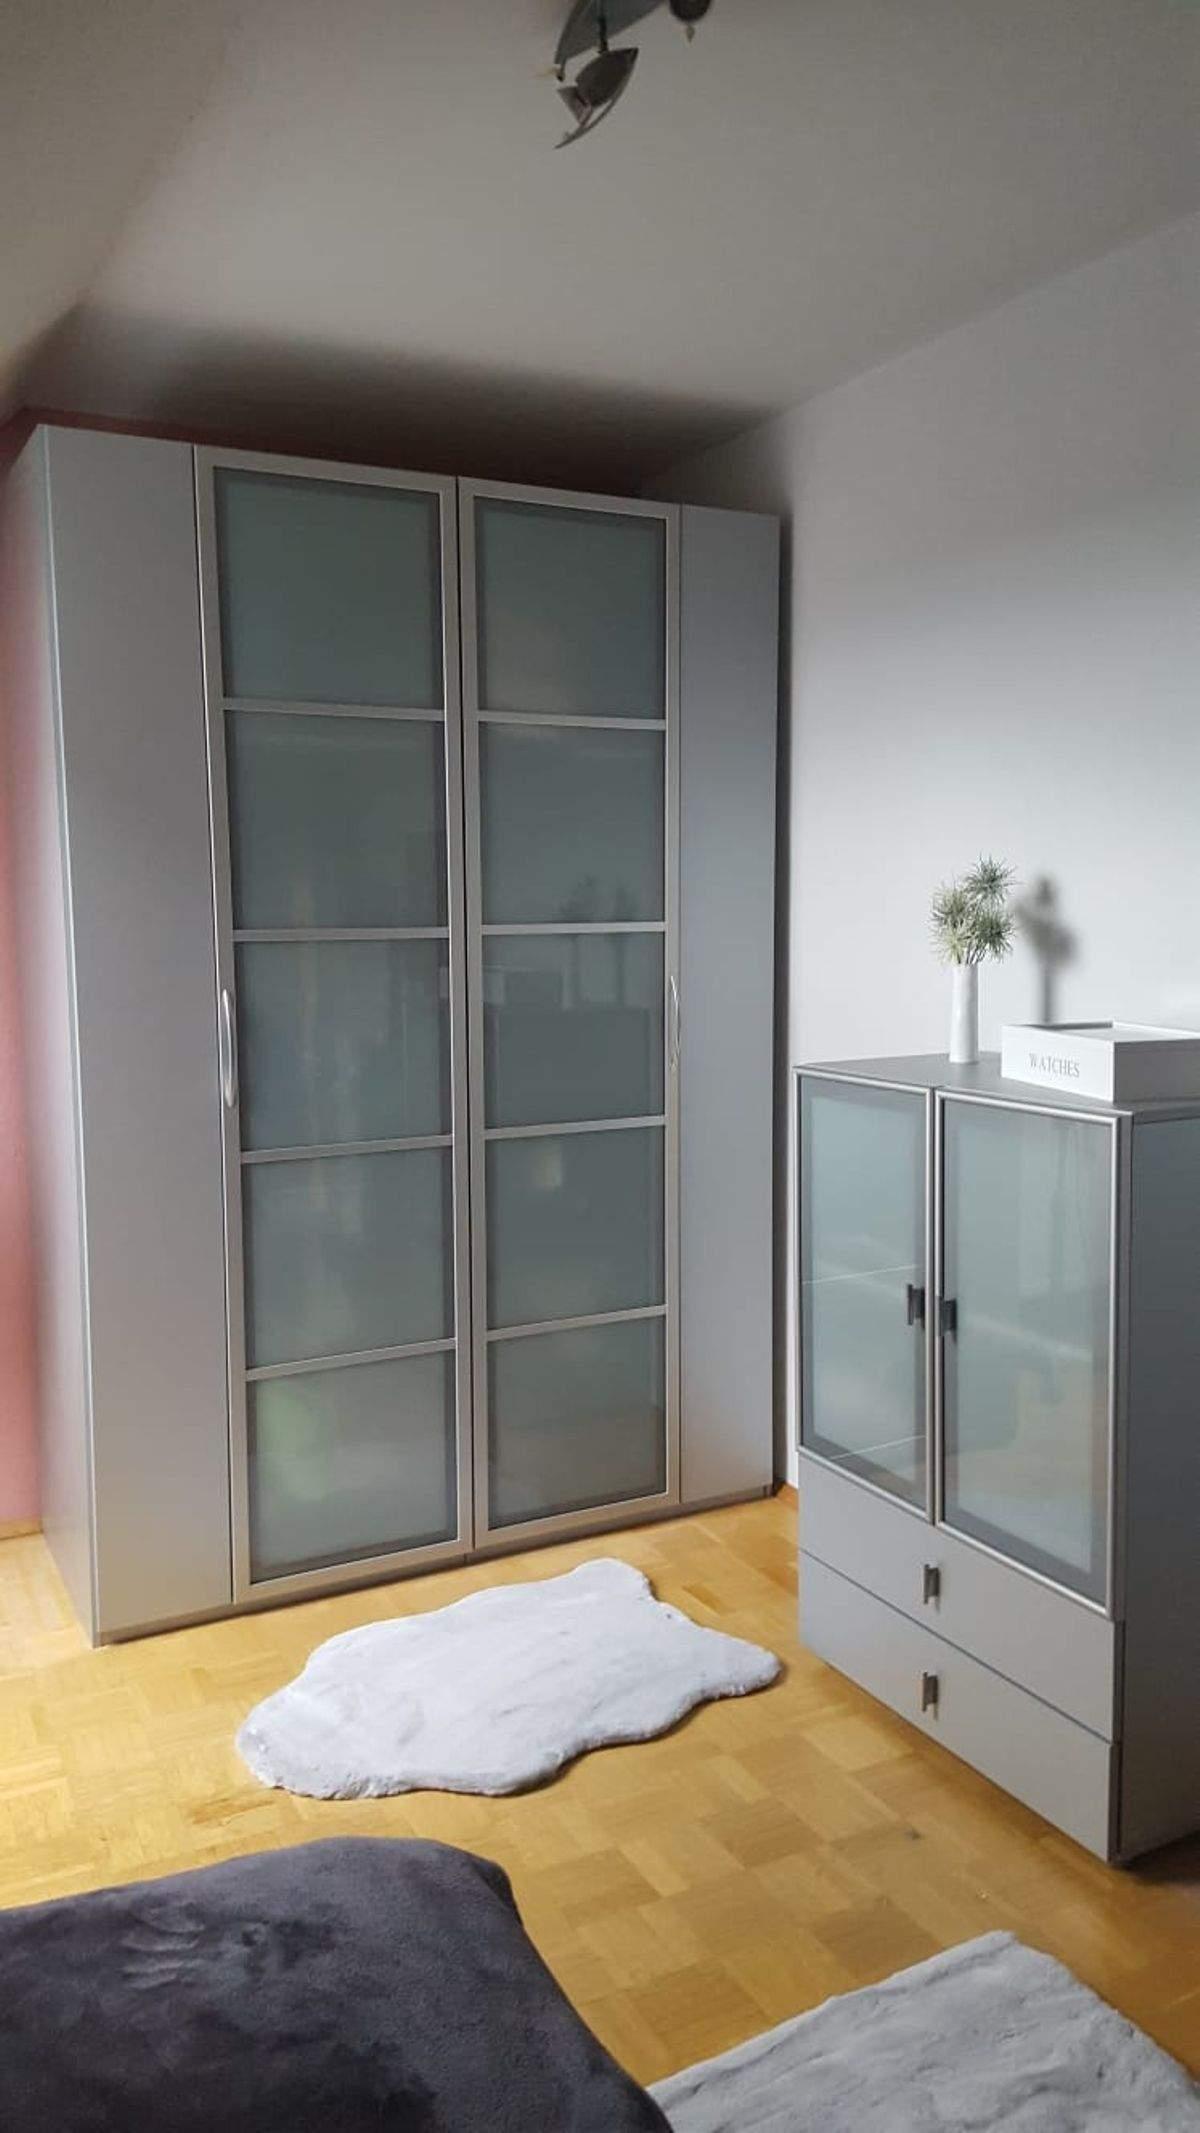 blumenbank fur wohnzimmer schon webimgcondhandapp w i mgl 5c272aaf2dd2635aa of blumenbank fur wohnzimmer